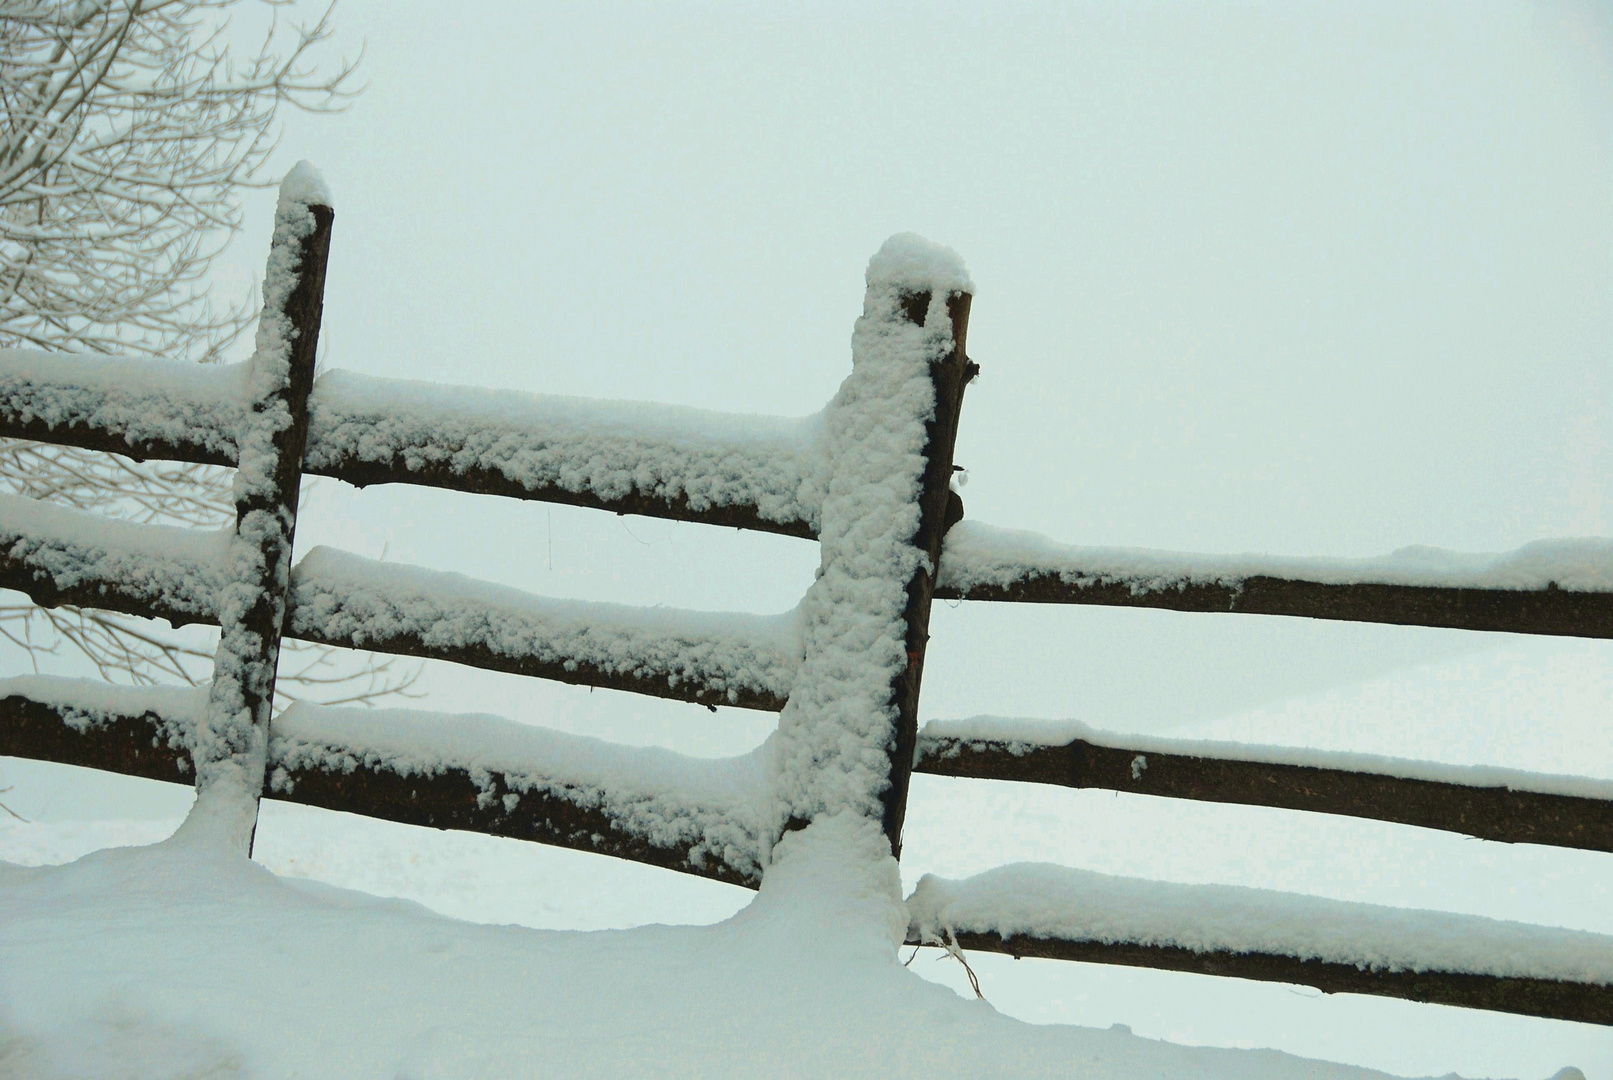 Schneewinterzaun